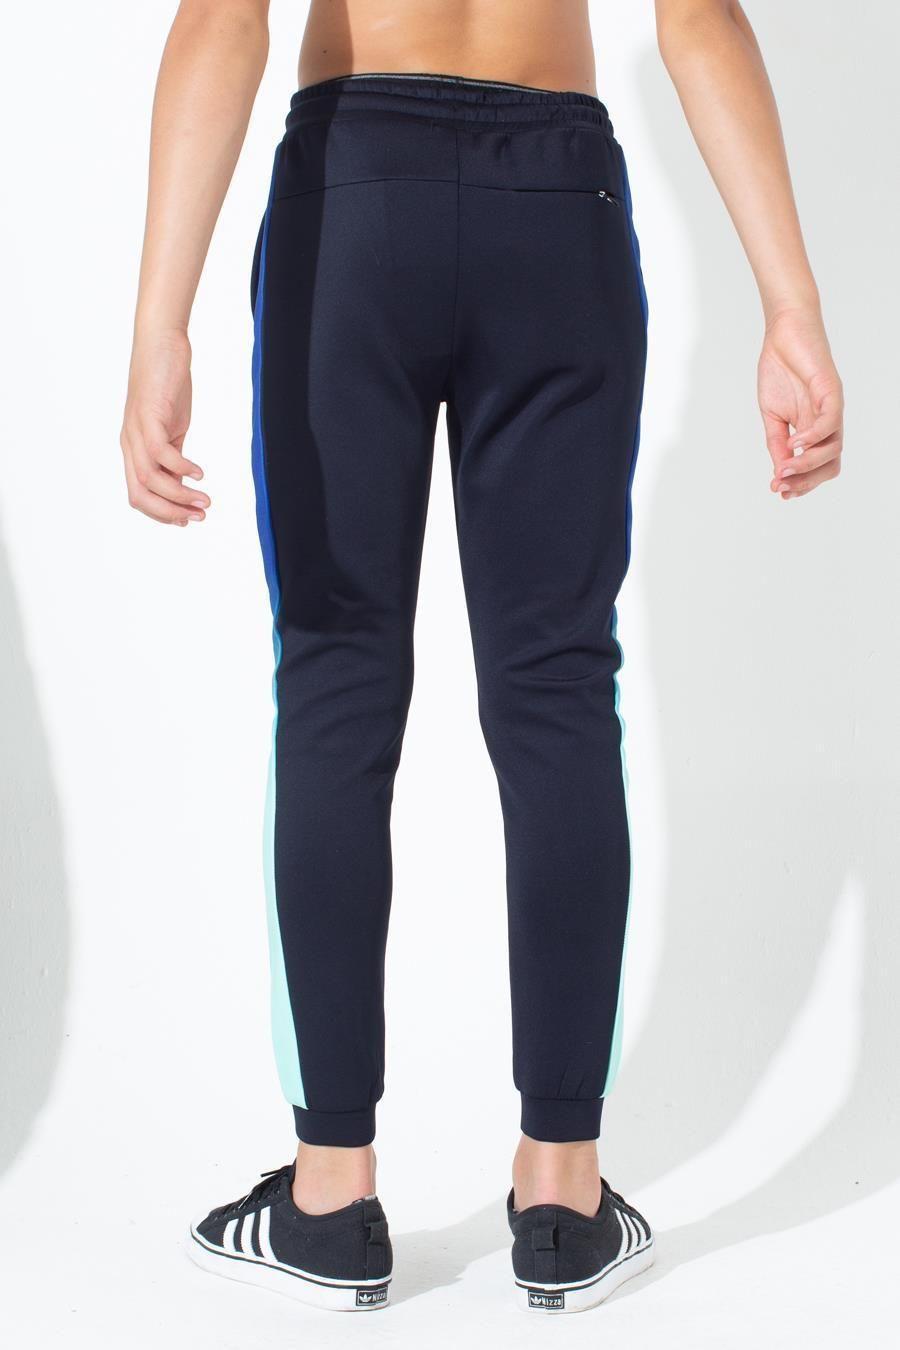 Hype Mint Blue Fade Side Stripe Kids Track Pants 11-12Y